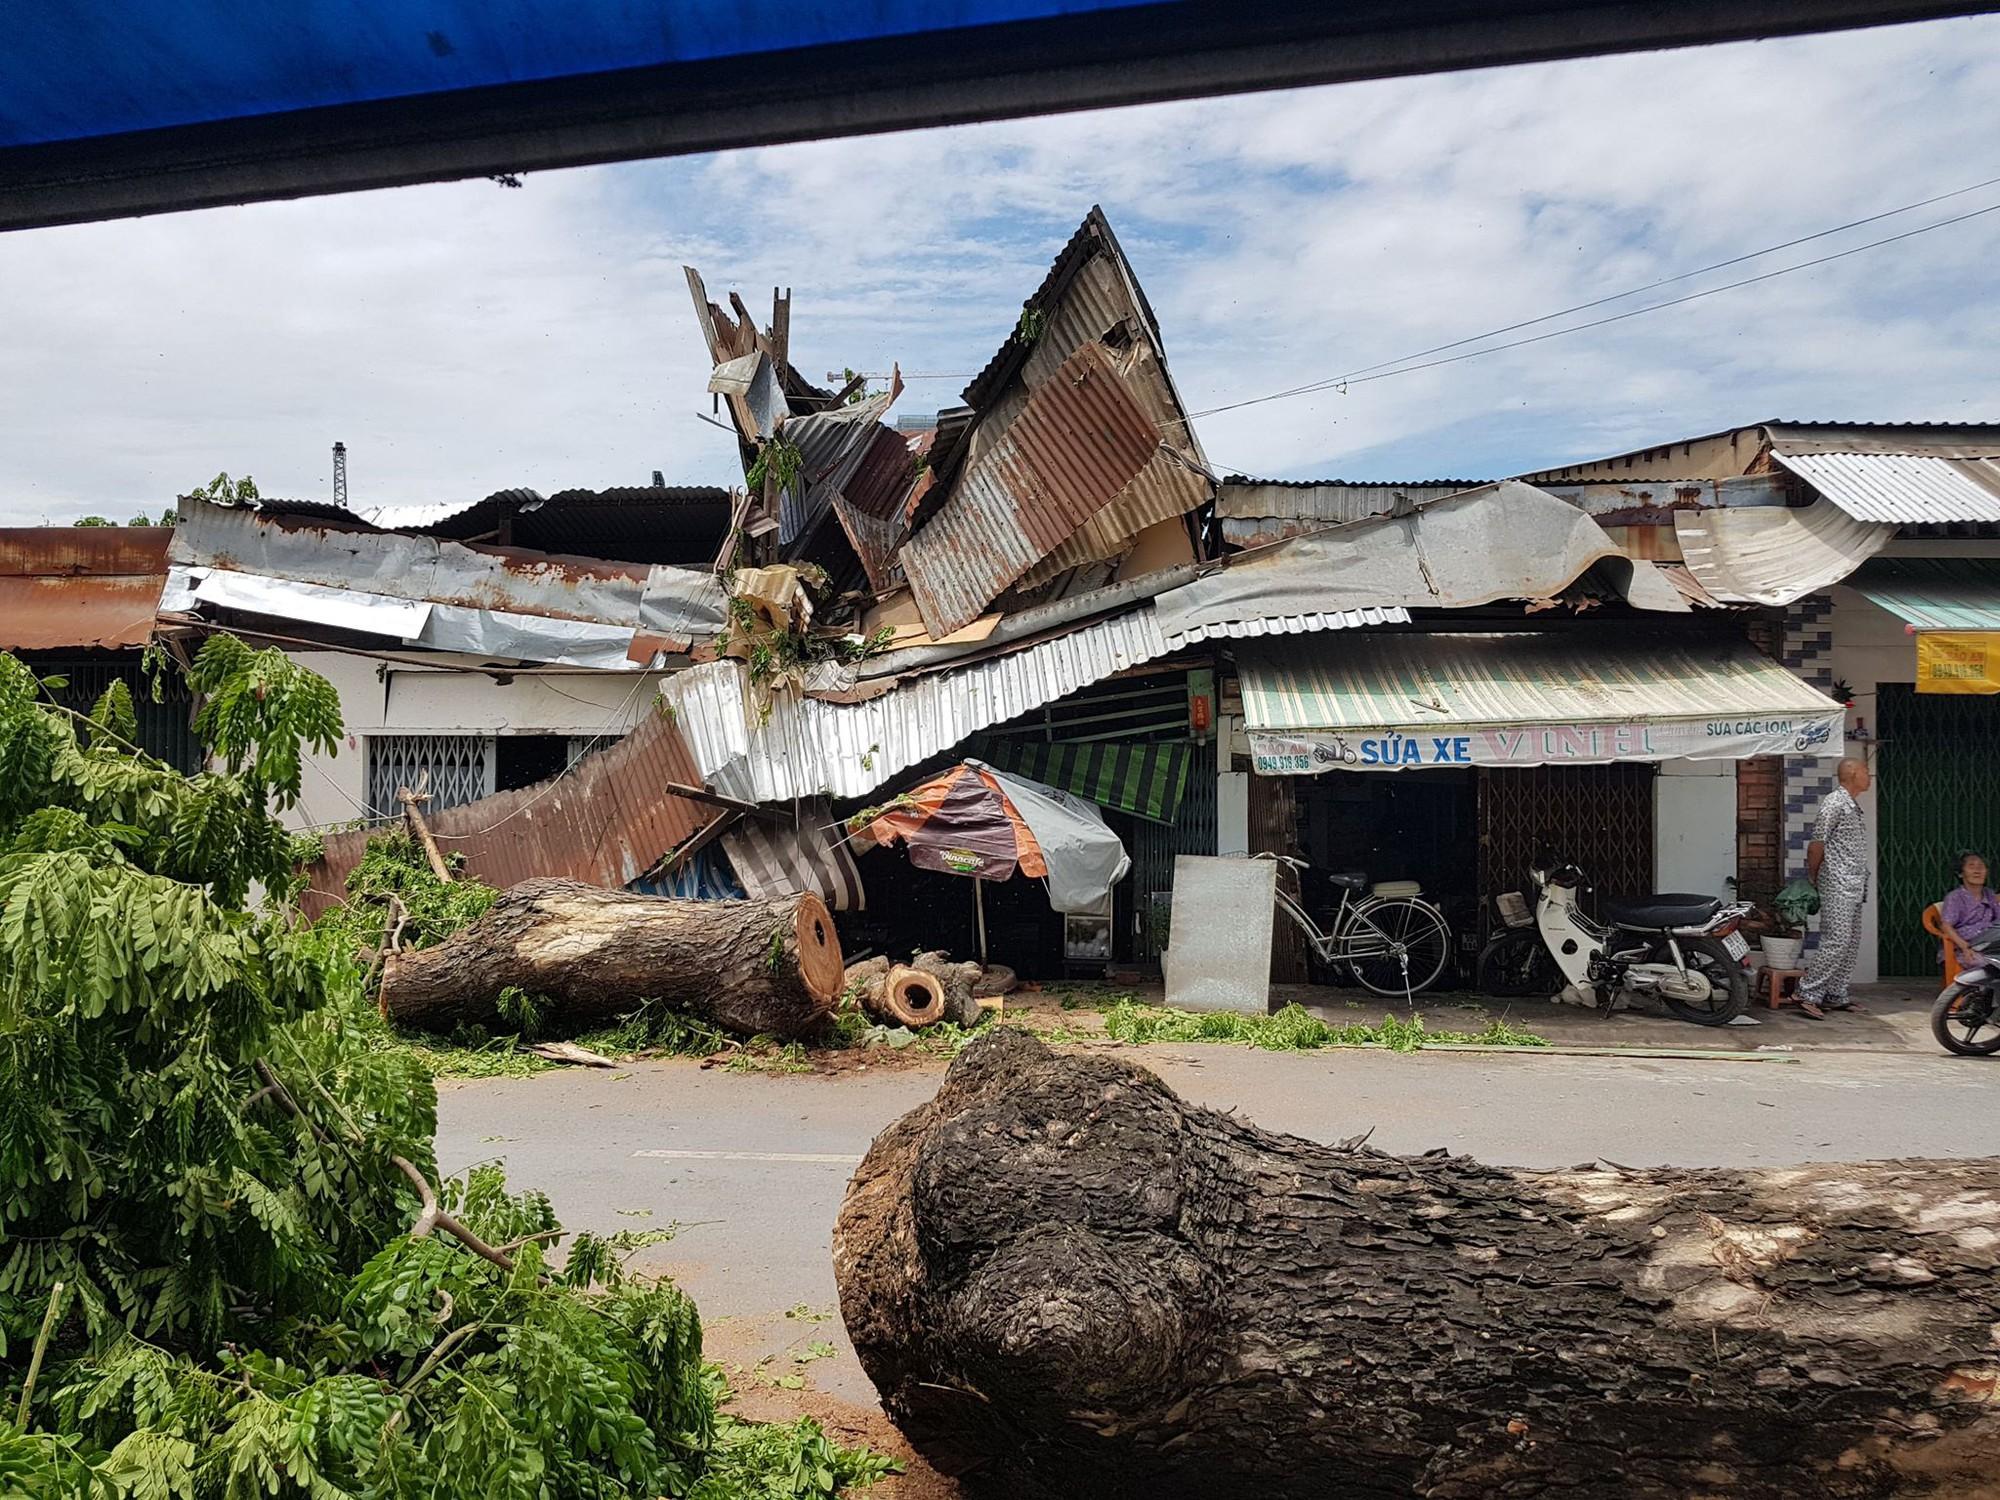 Cây cổ thụ ở Sài Gòn bật gốc đè 3 căn nhà, bé gái 13 tuổi bị thương cấp cứu - Ảnh 2.